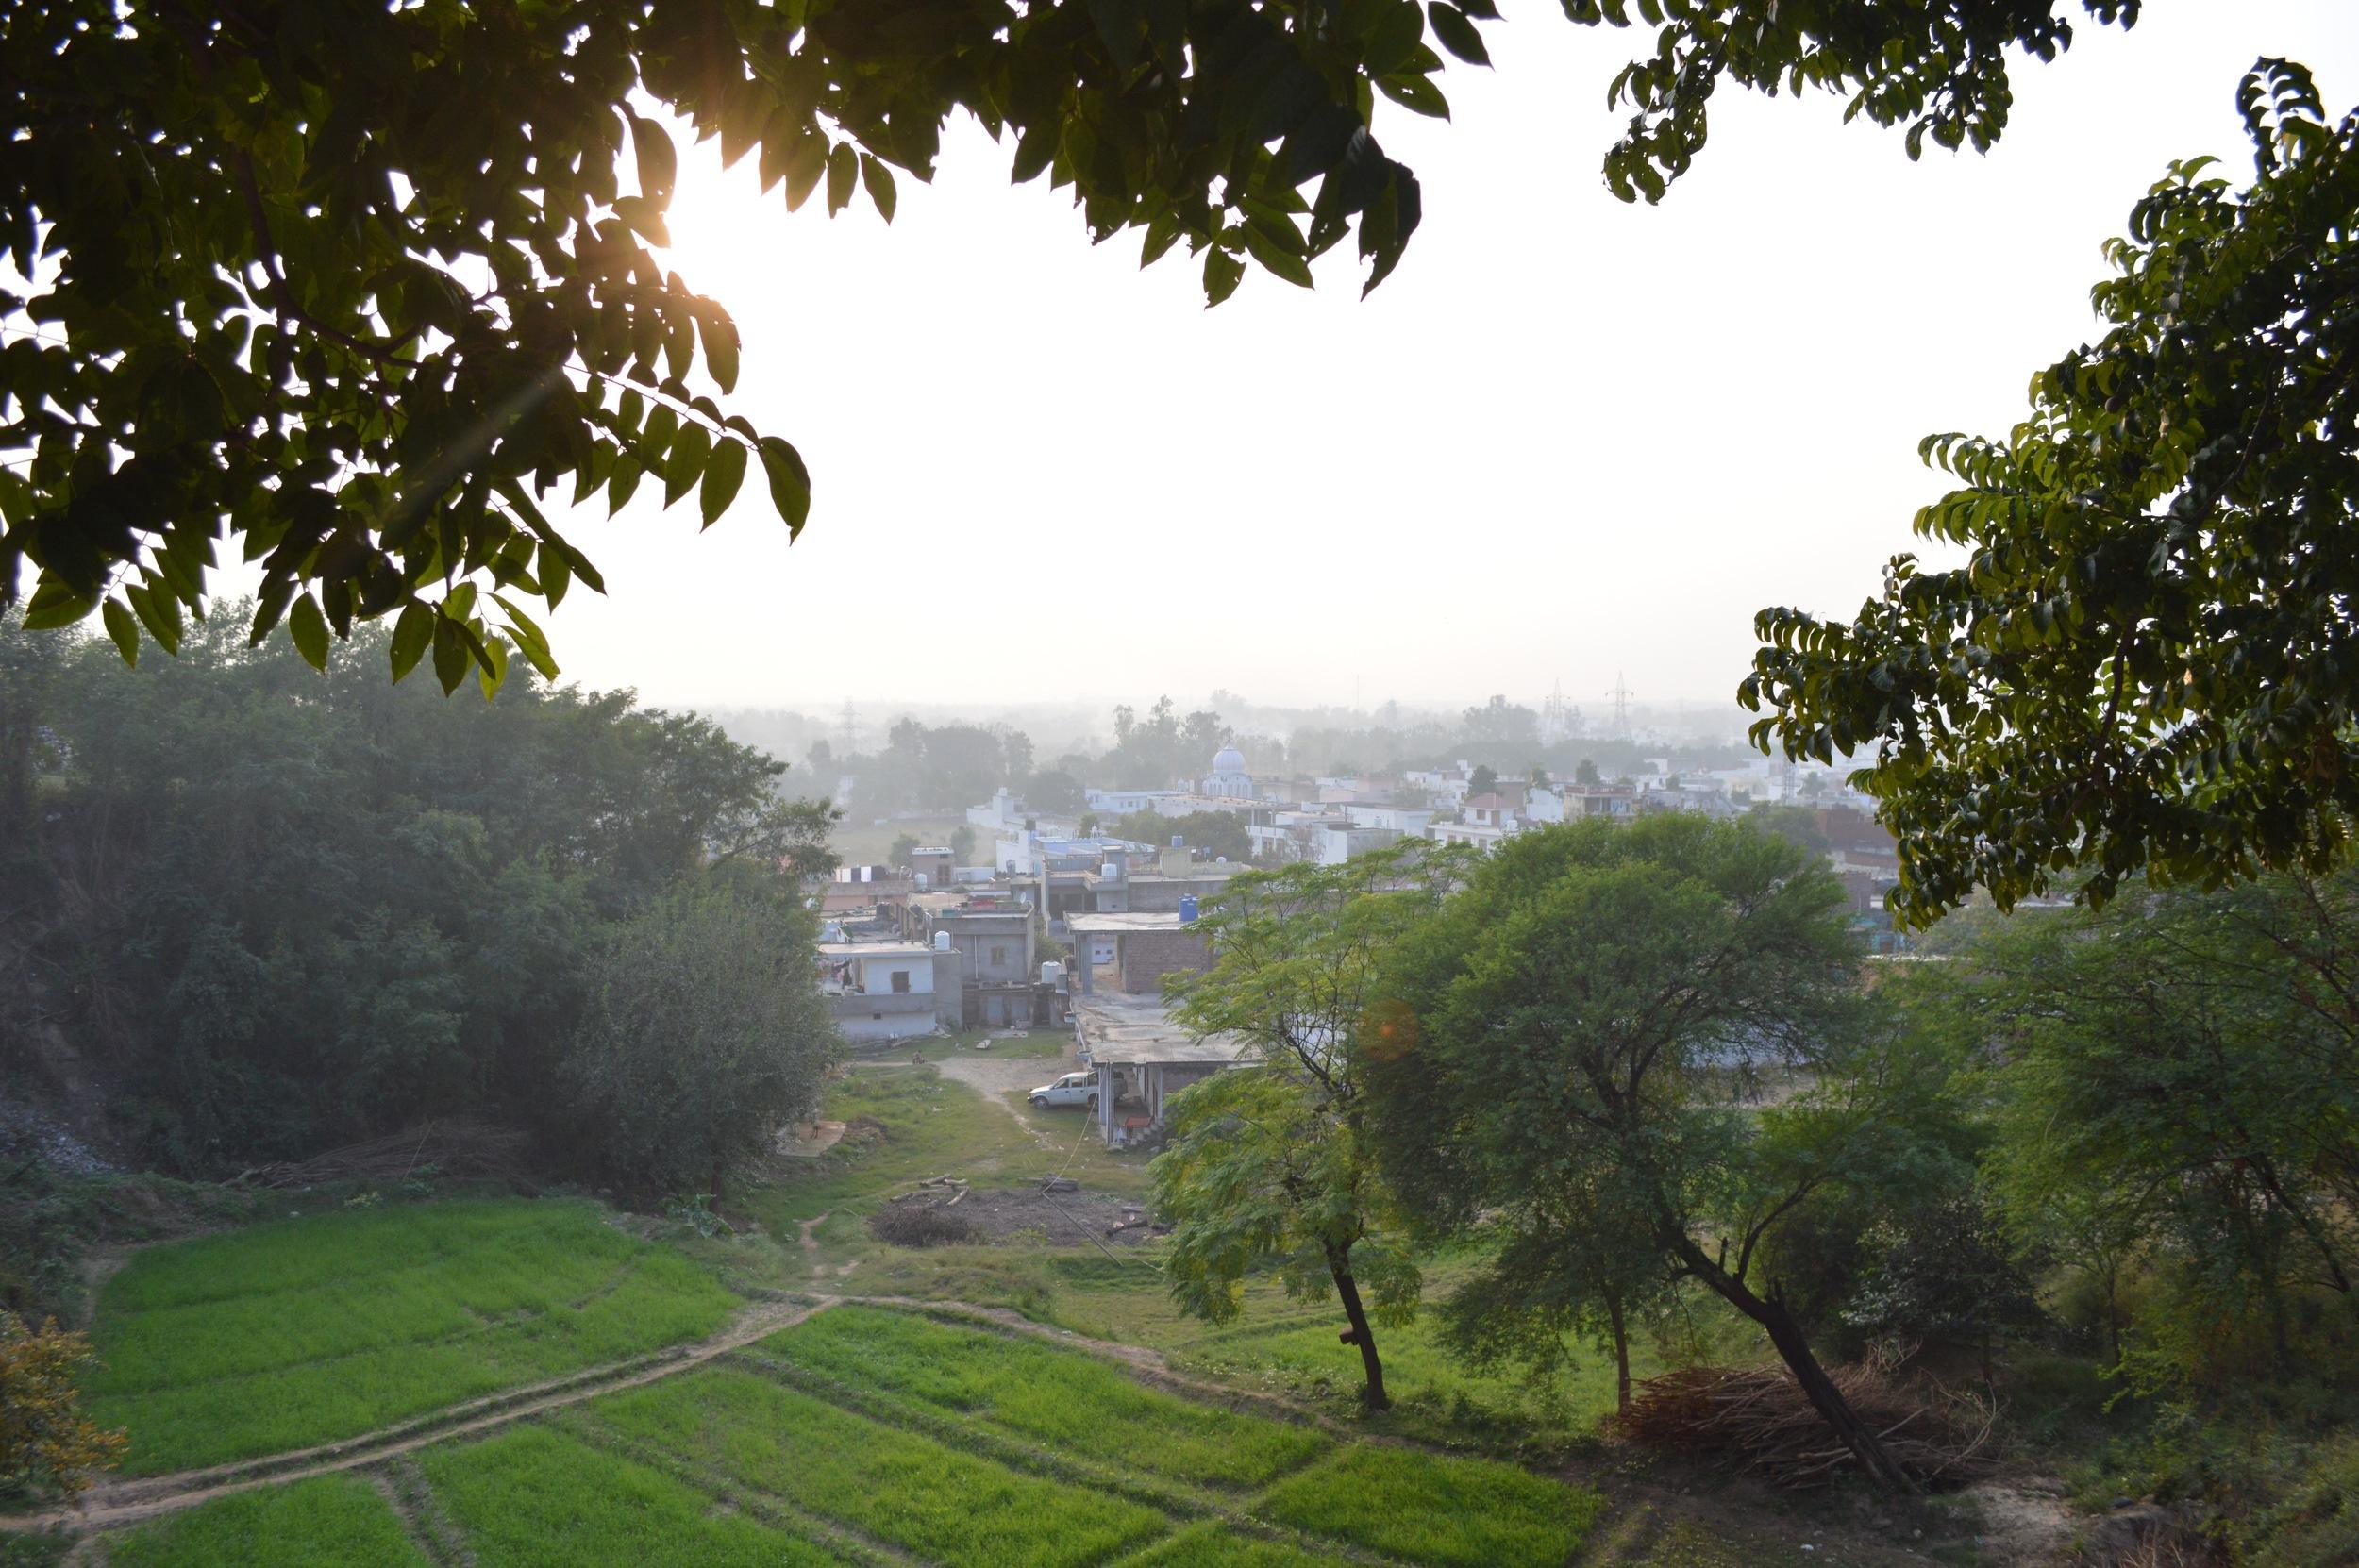 Overlooking Anandpur Sahib.